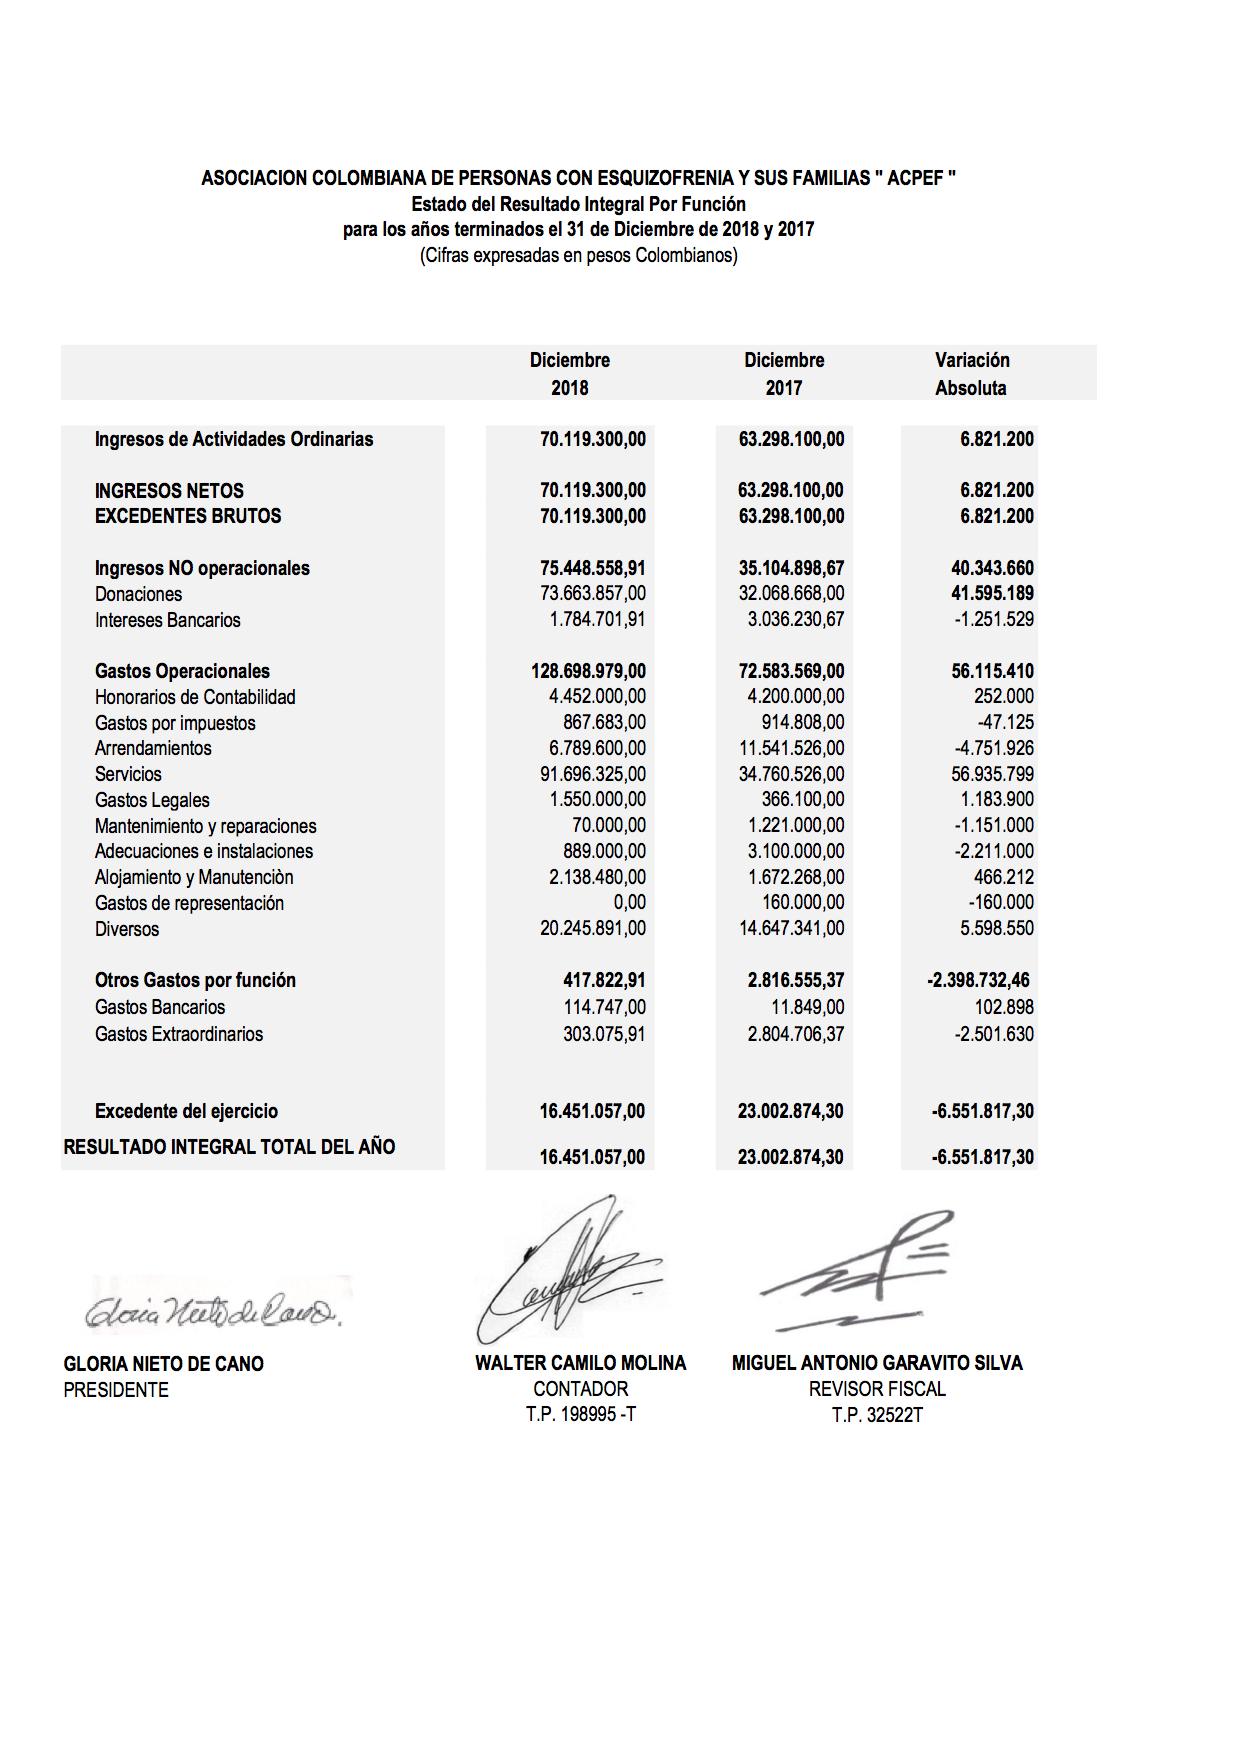 Estado del Resultado Integral Por Función al 31 Diciembre 2018 ACPEF